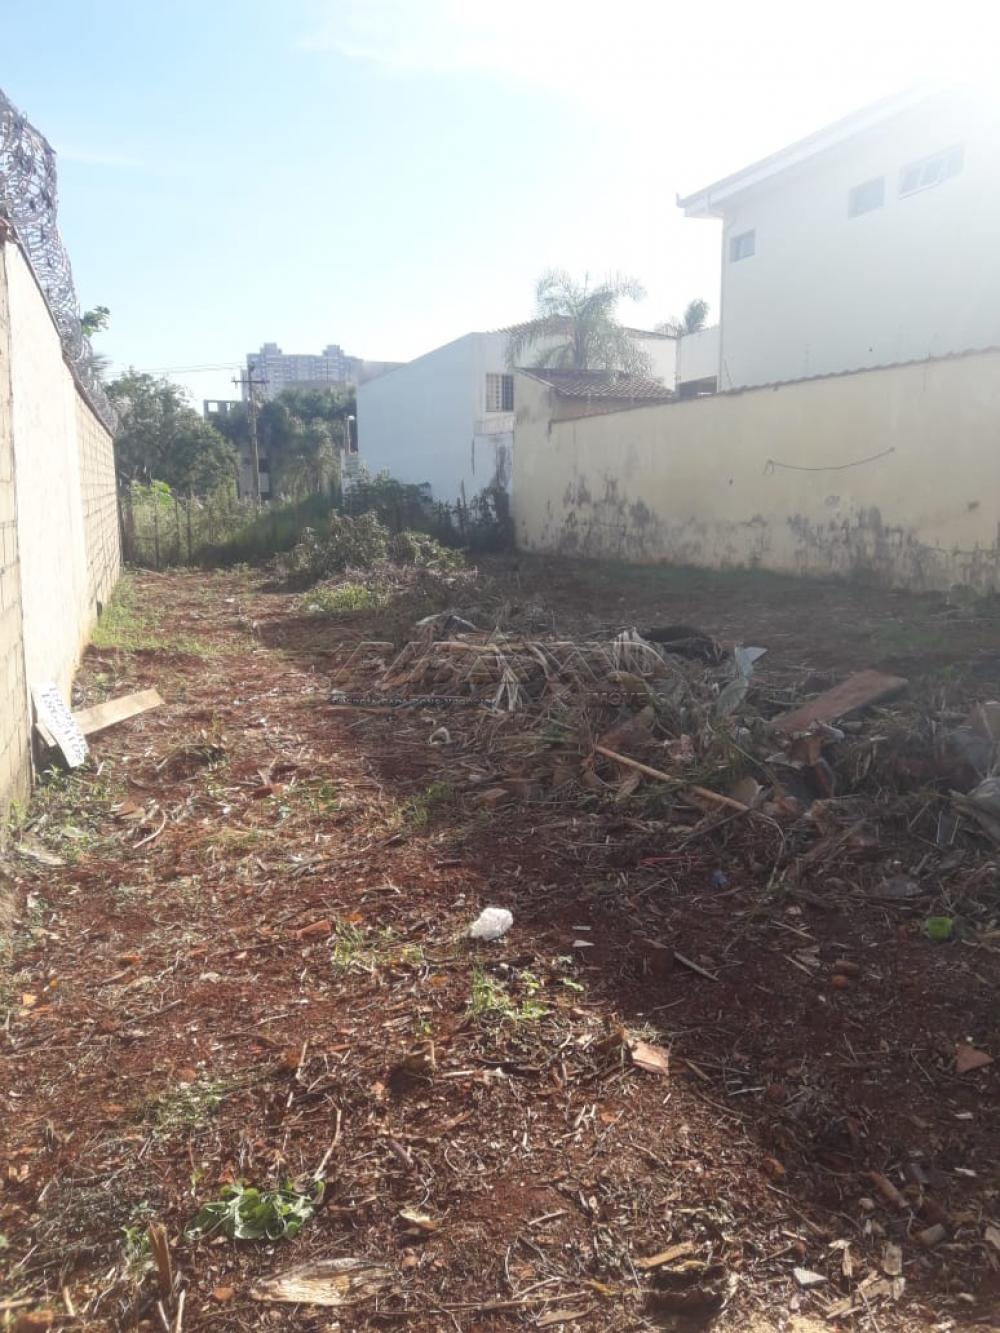 Comprar Terreno / Terreno em Ribeirão Preto apenas R$ 160.000,00 - Foto 2